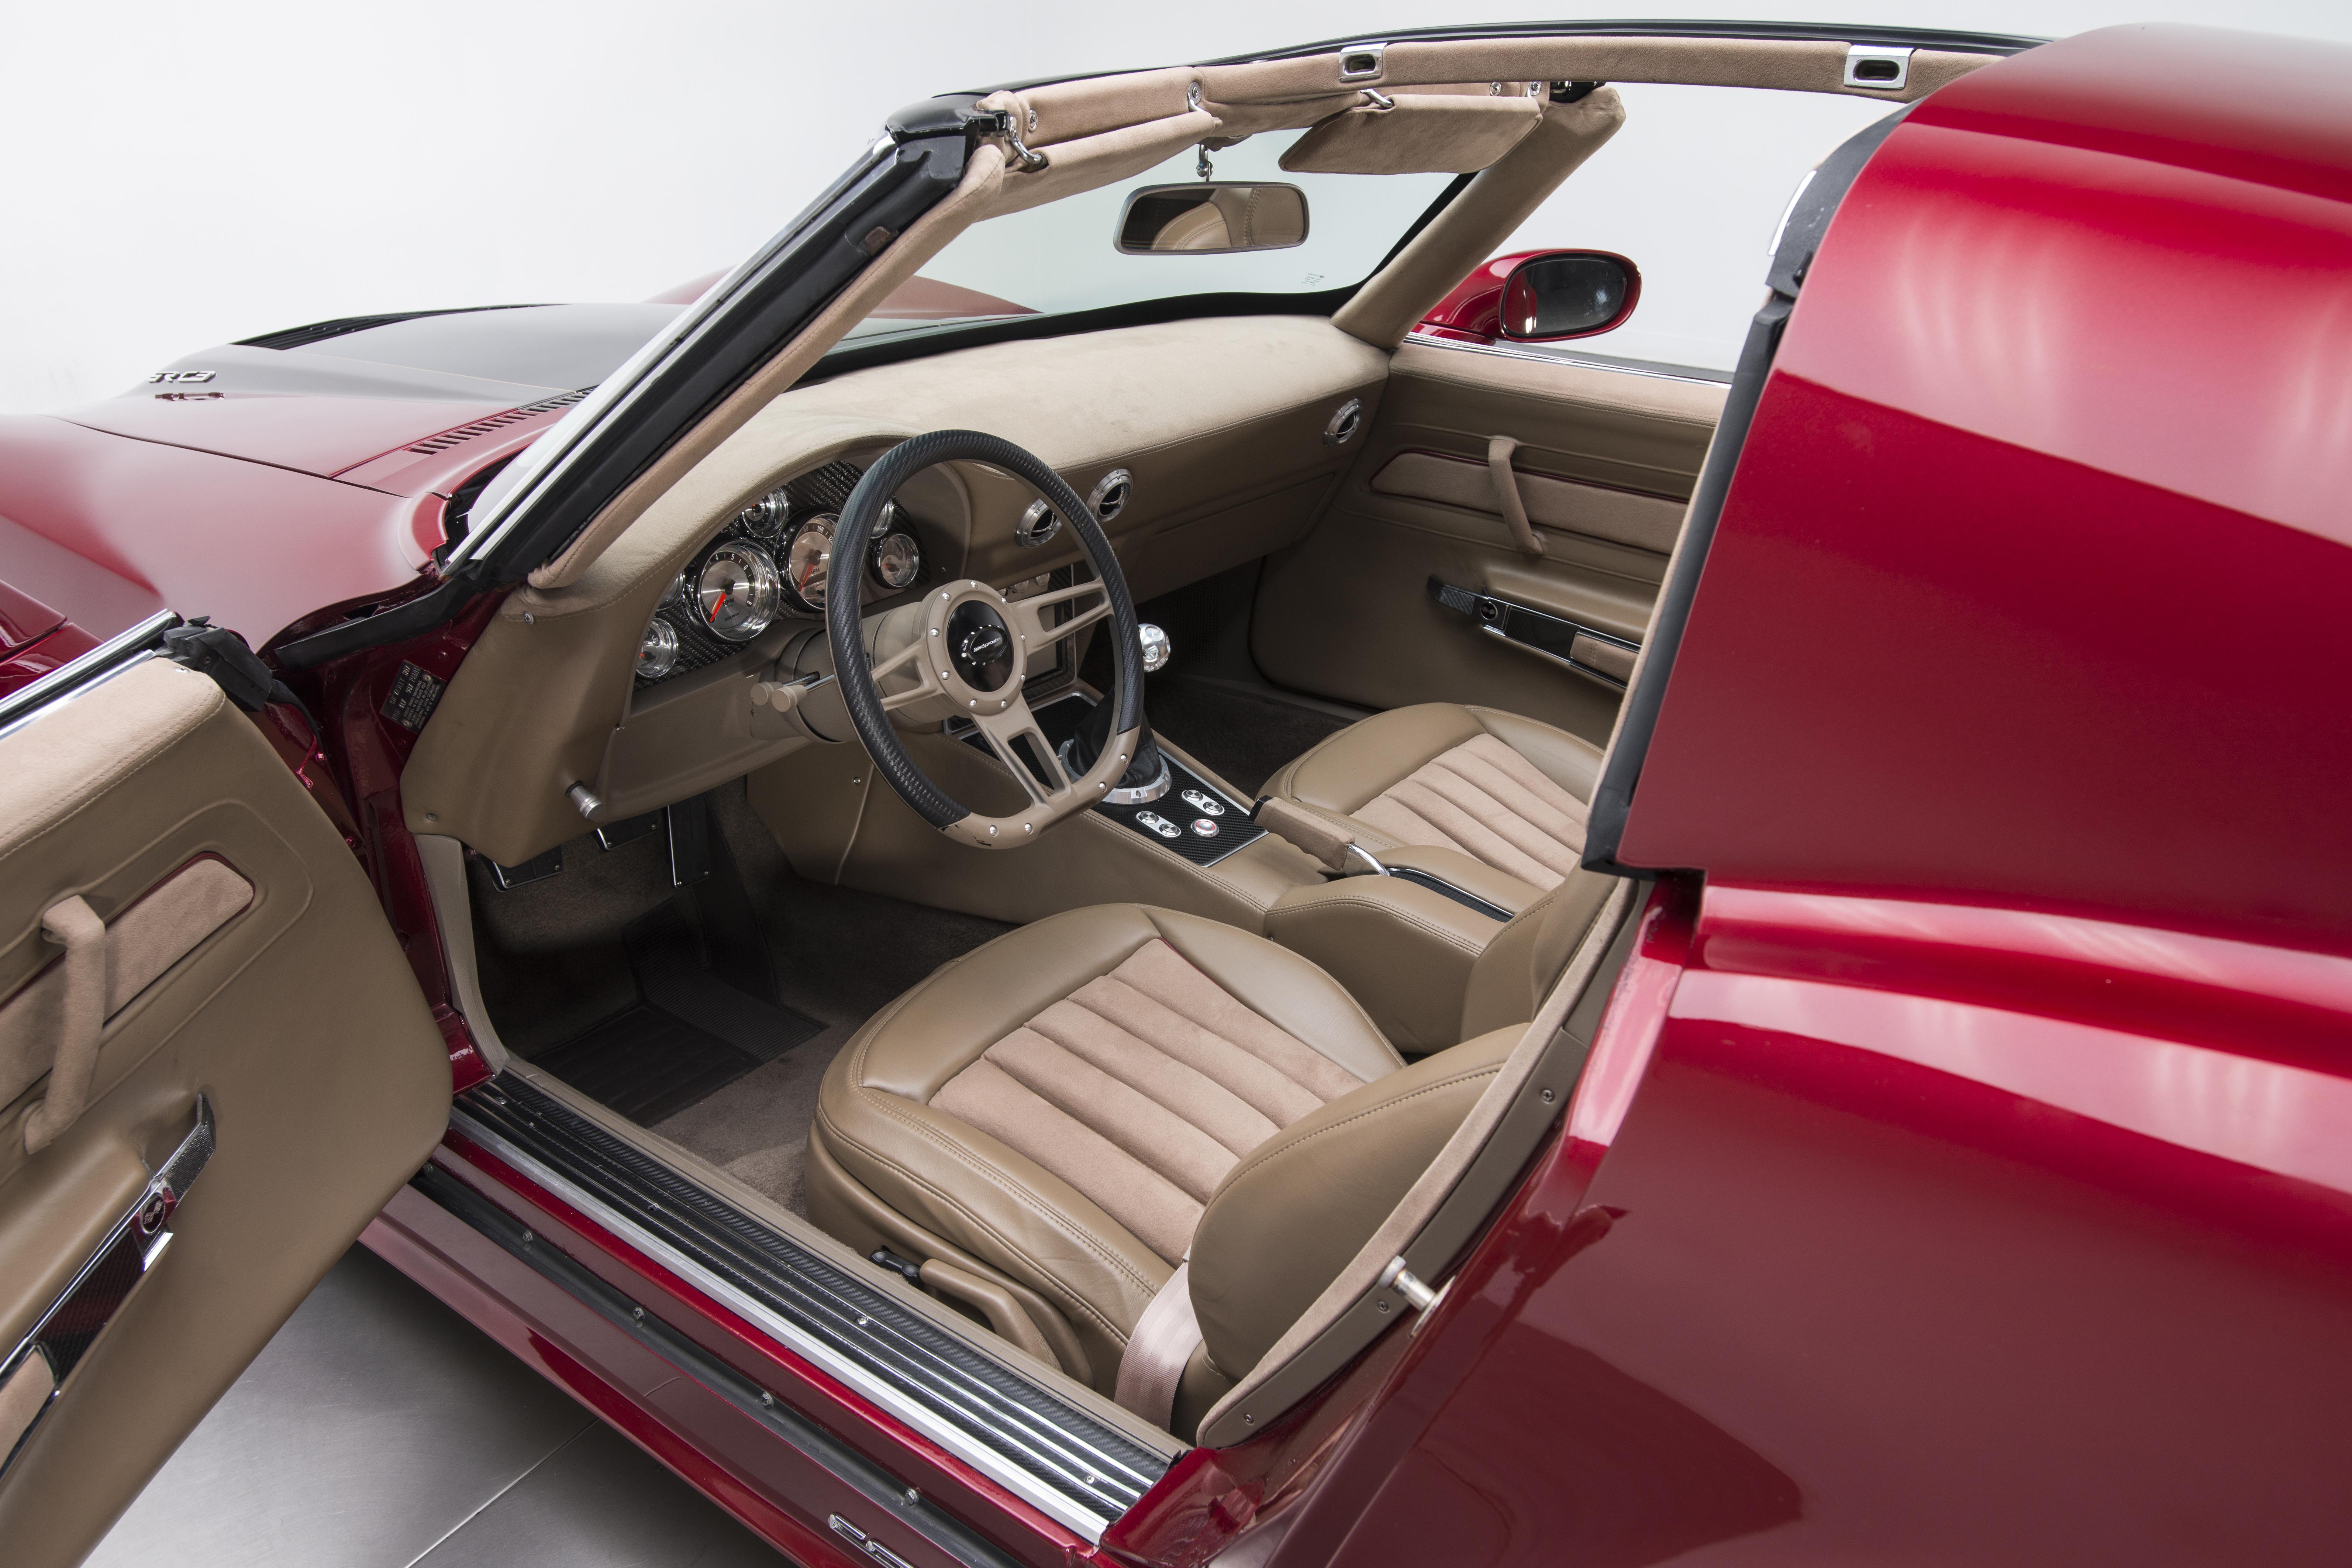 1972 Chevrolet Corvette1972 Chevrolet Corvette #43